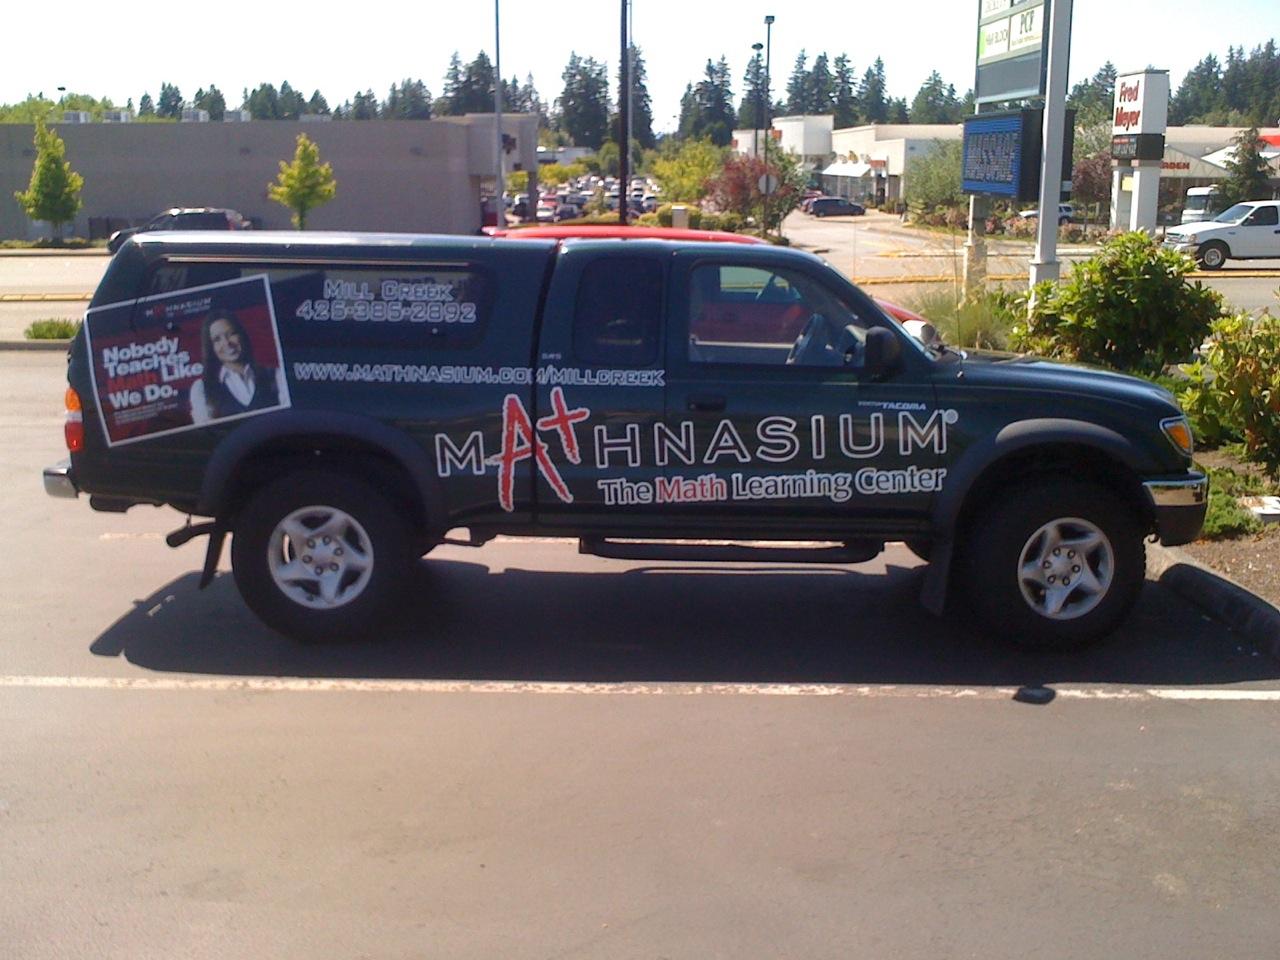 Mathnasium Learning Center Truck Fleet Wrap